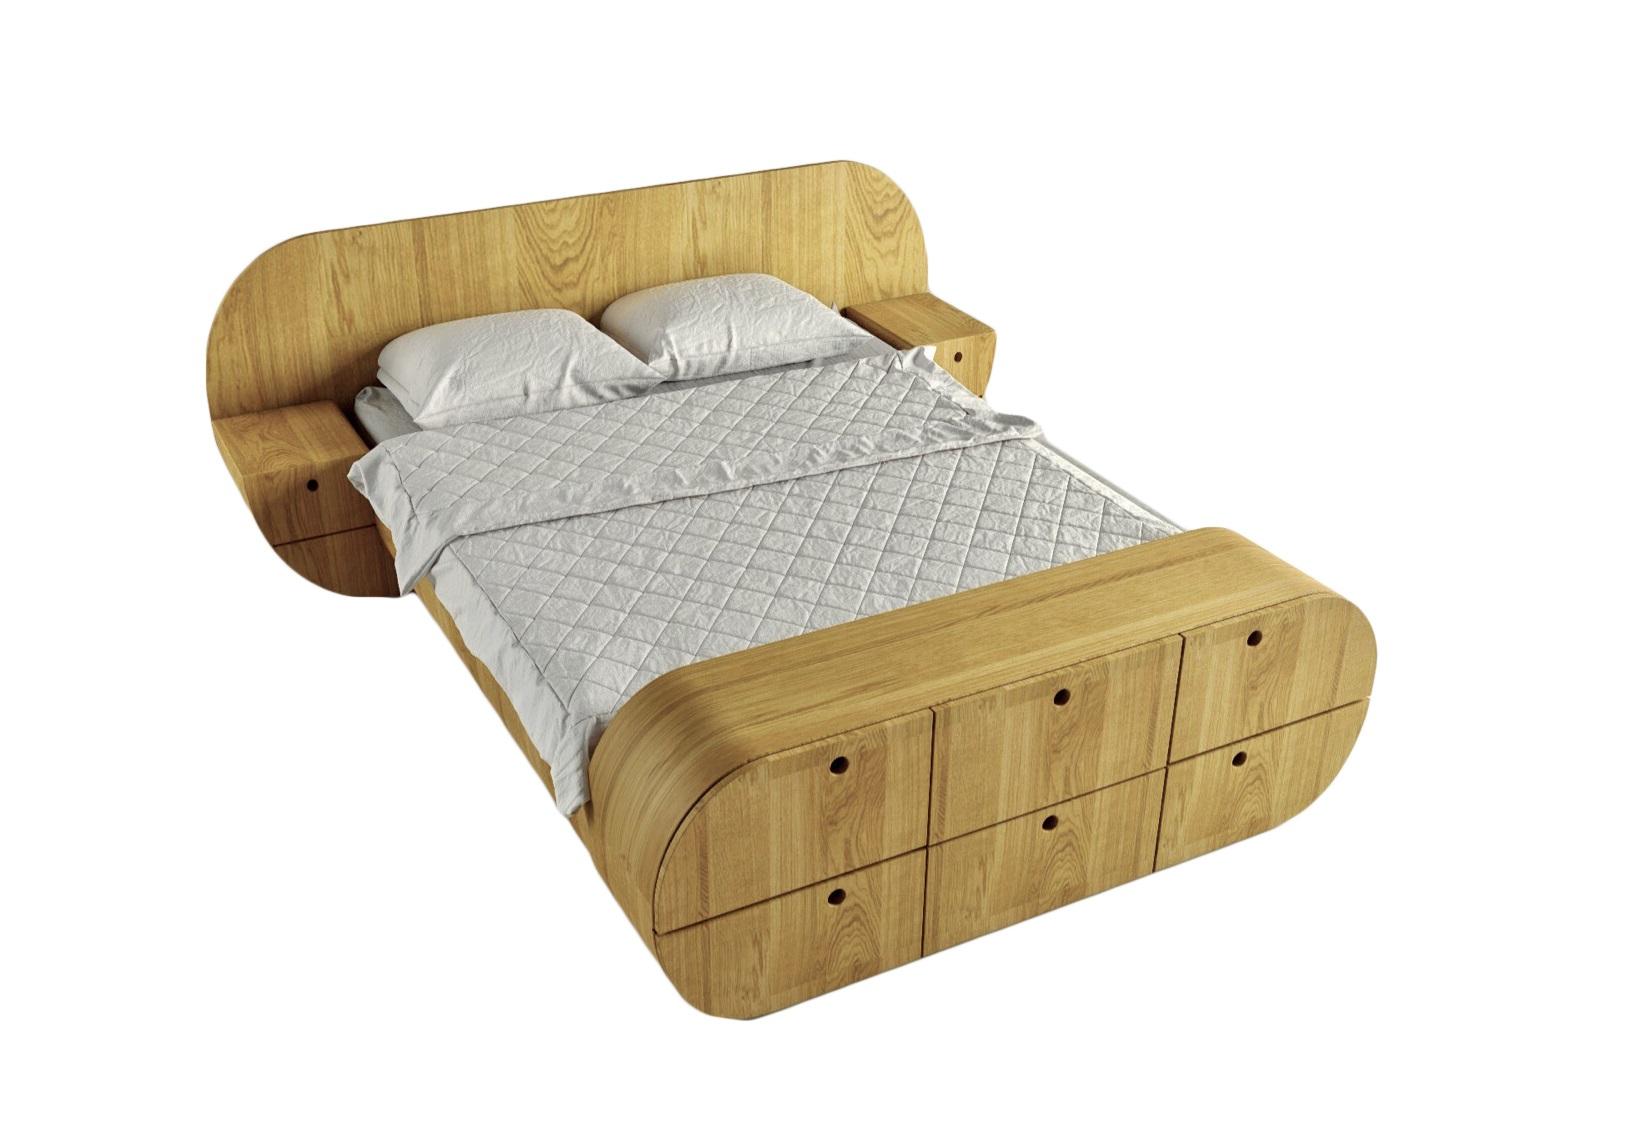 Кровать с тумбами и комодом ЦиклДеревянные кровати<br>Отличный комплект - кровать, 2 тумбы, комод!<br>Представляет собой единую констукцию, изделие покрыто натуральным шпоном, теплый и приятный материал<br>Матрас, белье и подушки в стоимость не входят&amp;amp;nbsp;&amp;lt;div&amp;gt;&amp;lt;br&amp;gt;&amp;lt;/div&amp;gt;&amp;lt;div&amp;gt;Размер спального места: 160см на 200см&amp;amp;nbsp;&amp;lt;/div&amp;gt;&amp;lt;div&amp;gt;Материал: МДФ, шпон&amp;amp;nbsp;&amp;lt;/div&amp;gt;<br><br>Material: МДФ<br>Width см: 218<br>Depth см: 267<br>Height см: 87